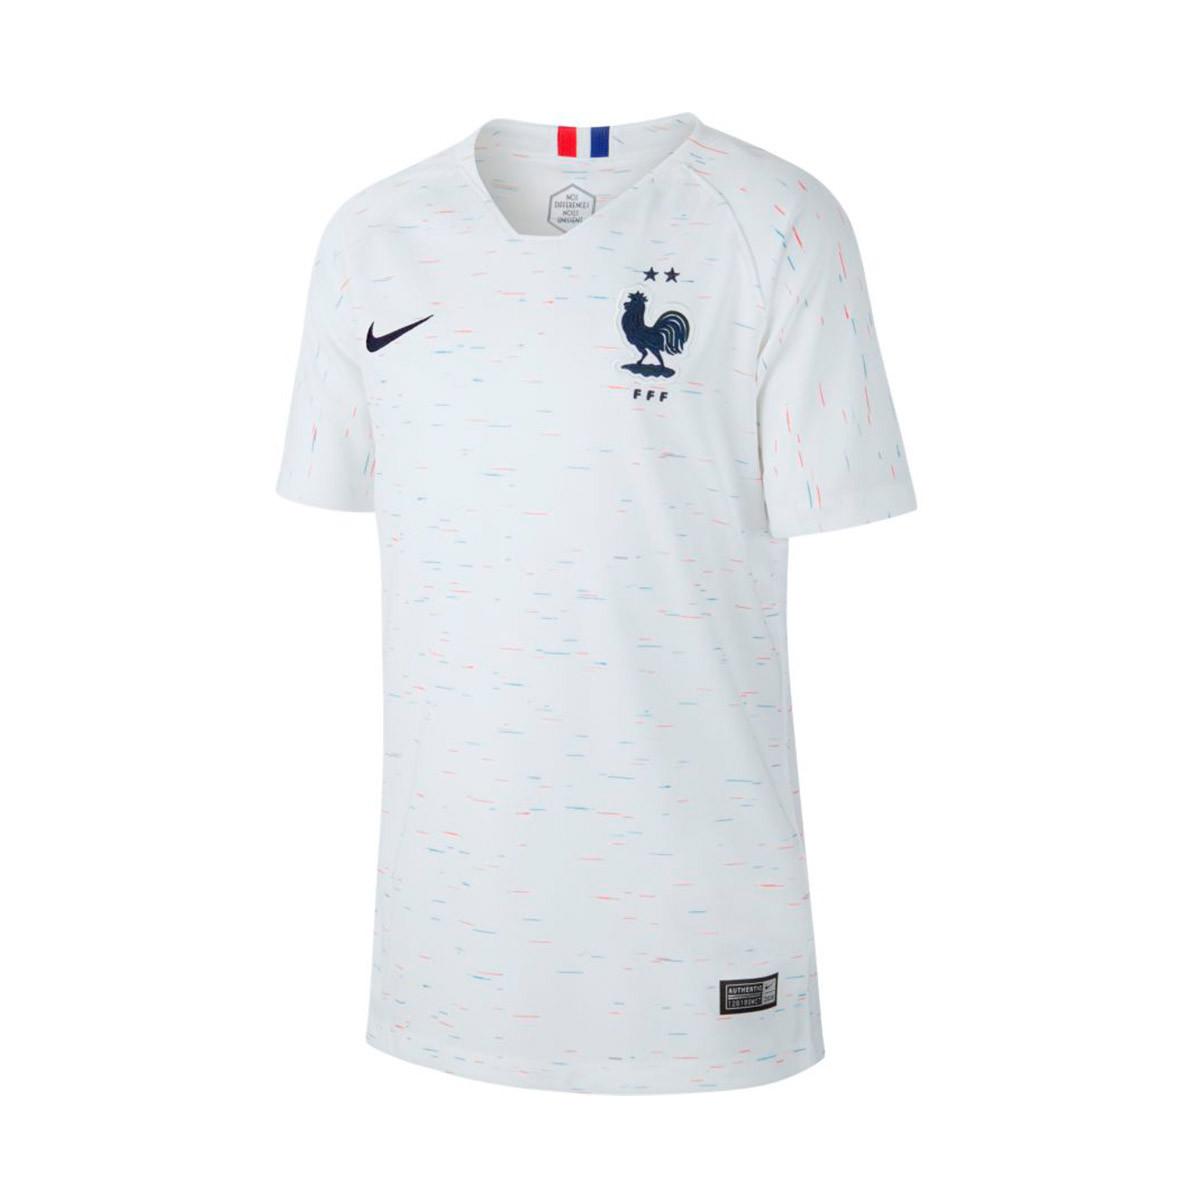 813007b544 Jersey Nike Selección Francia Breathe Stadium Segunda Equipación 2018-2019  Niño White-Obsidian - Football store Fútbol Emotion